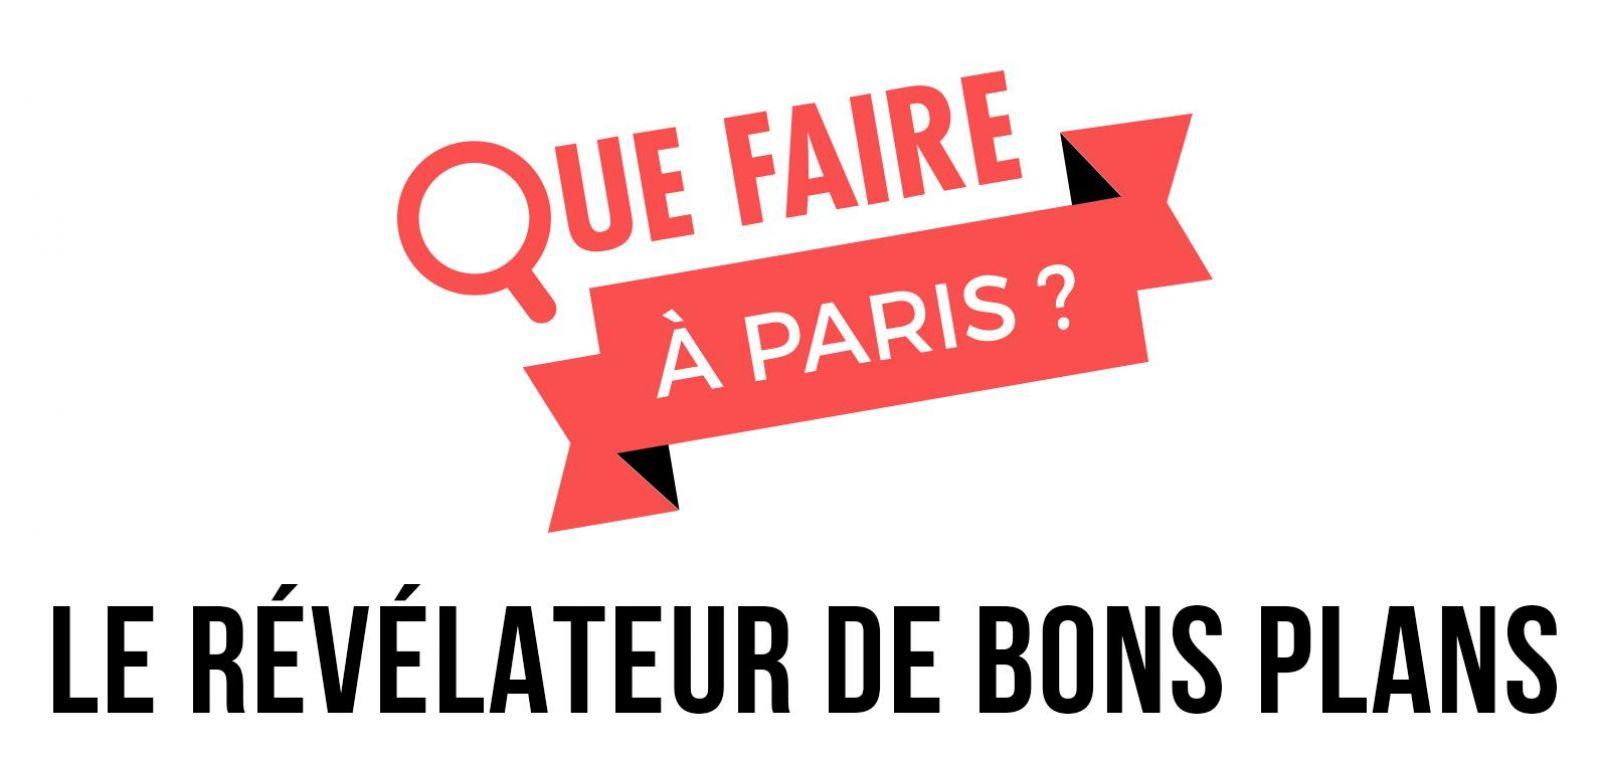 https://www.parisjazzclub.net/medias/publi_redactionnel/32-que-faire-a-paris-partenariat-2019/images/qfap-lg.jpg